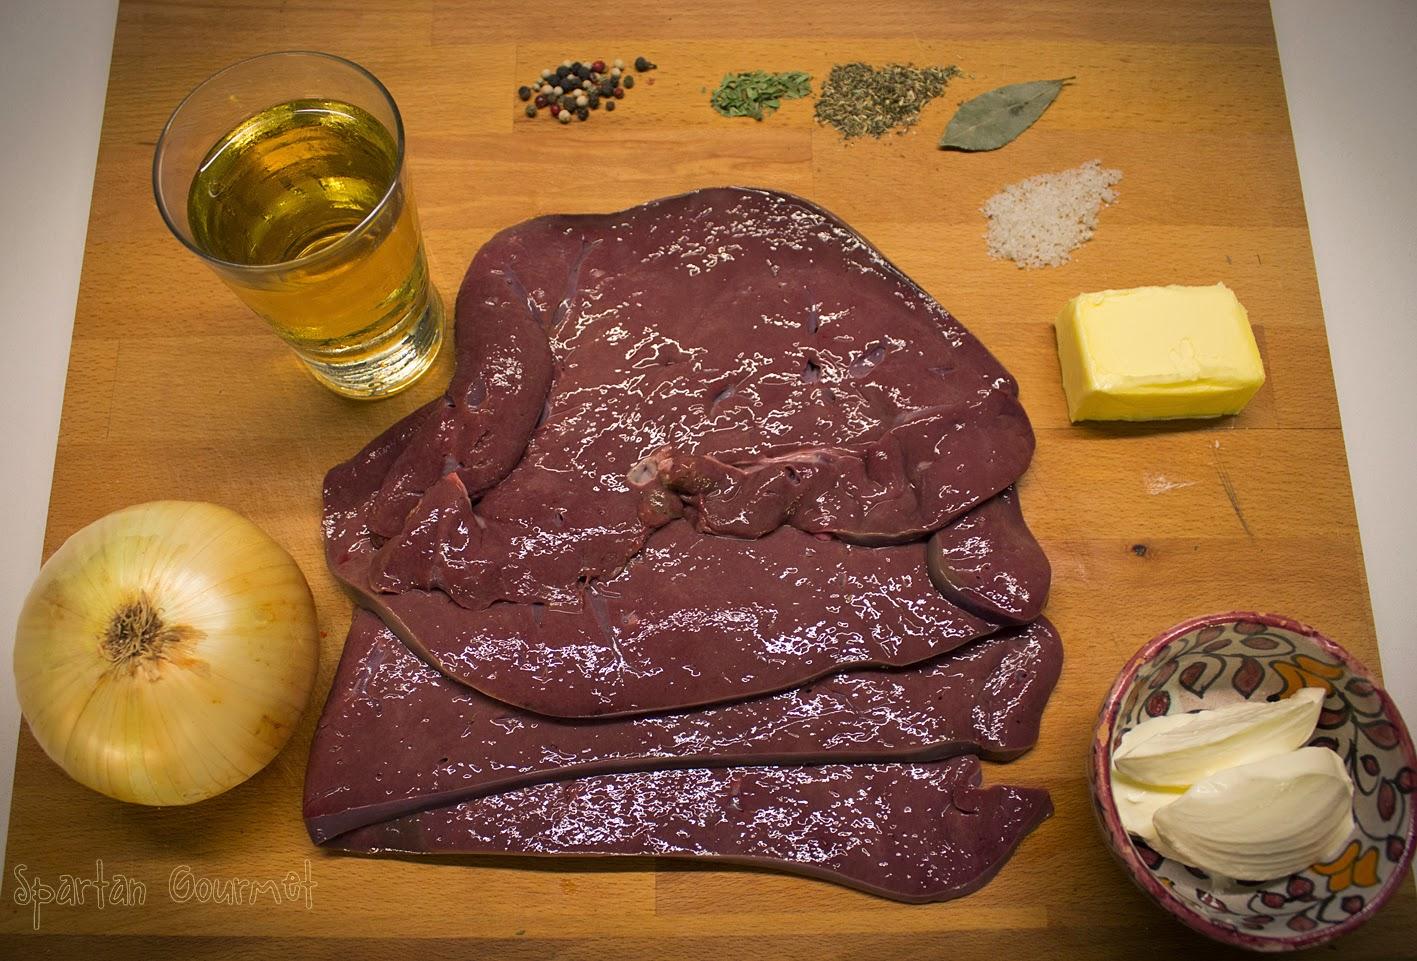 Spartan gourmet pat de h gado de ternera 2 0 o casi for Cocinar higado de ternera